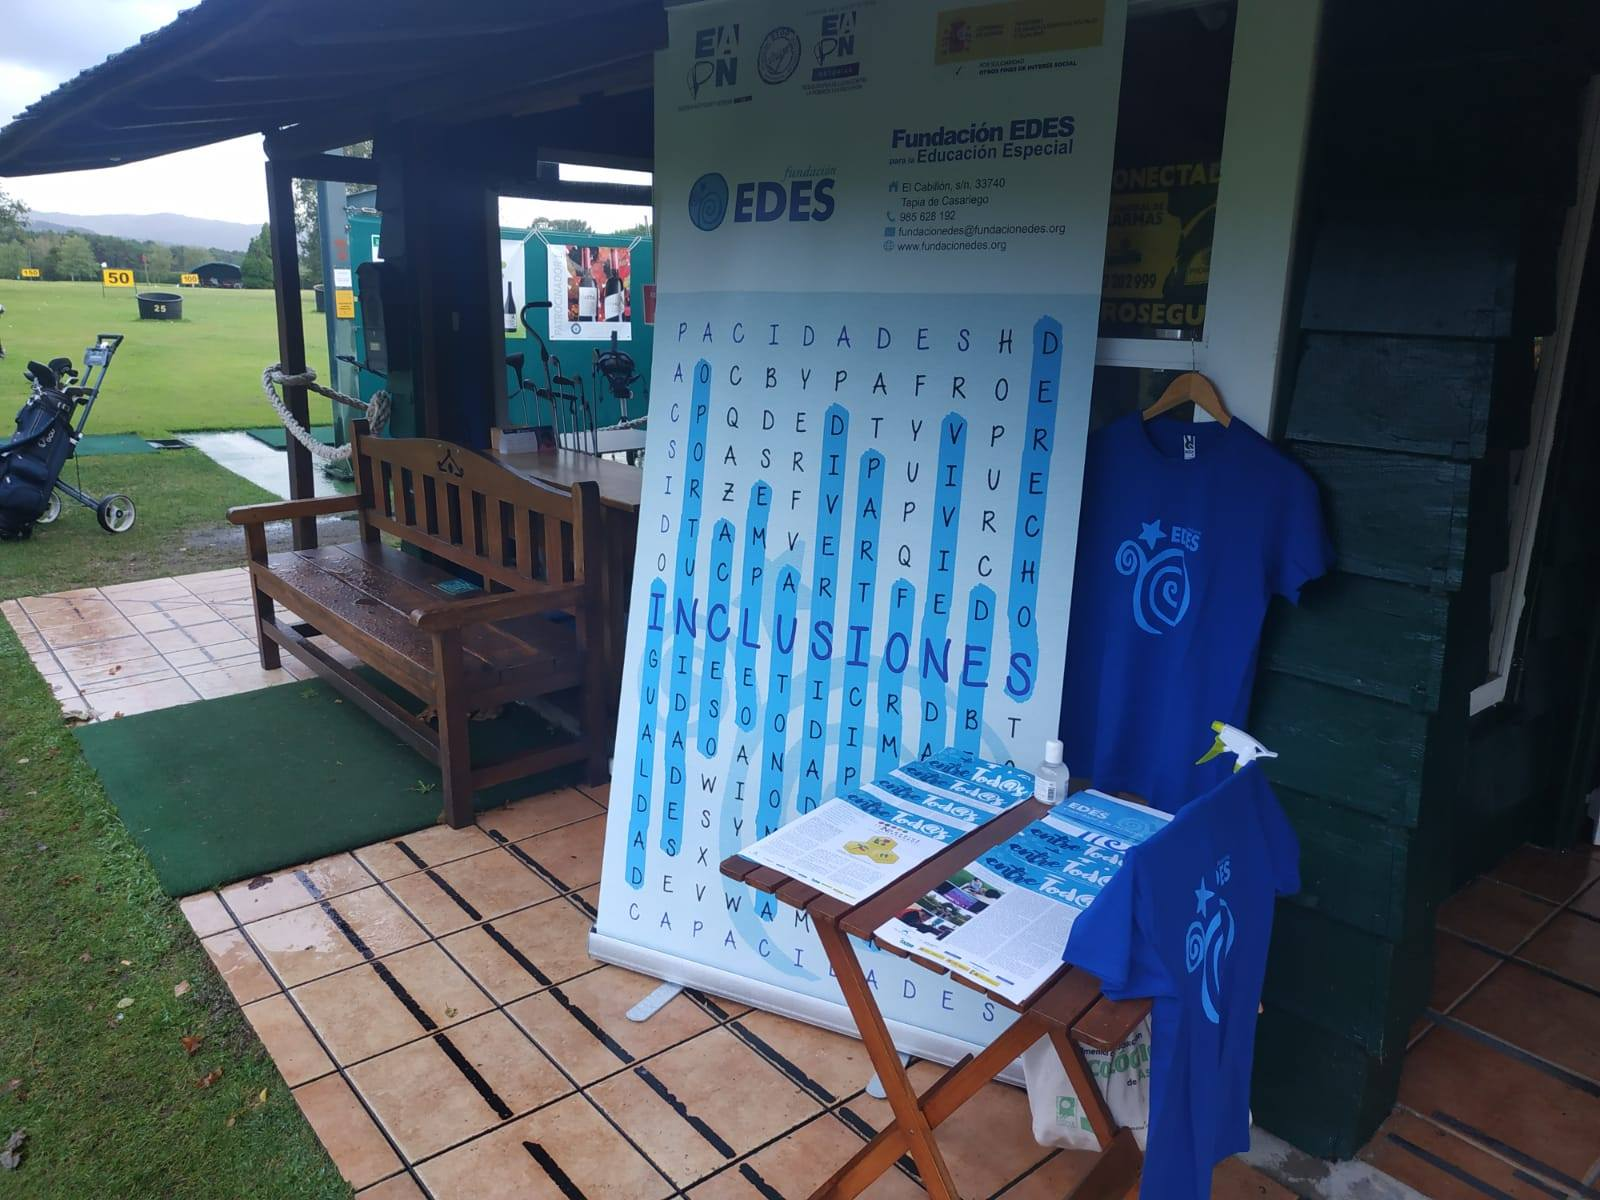 El Club Golf Cierro Grande organizó un Torneo en Favor de la Fundación Edes